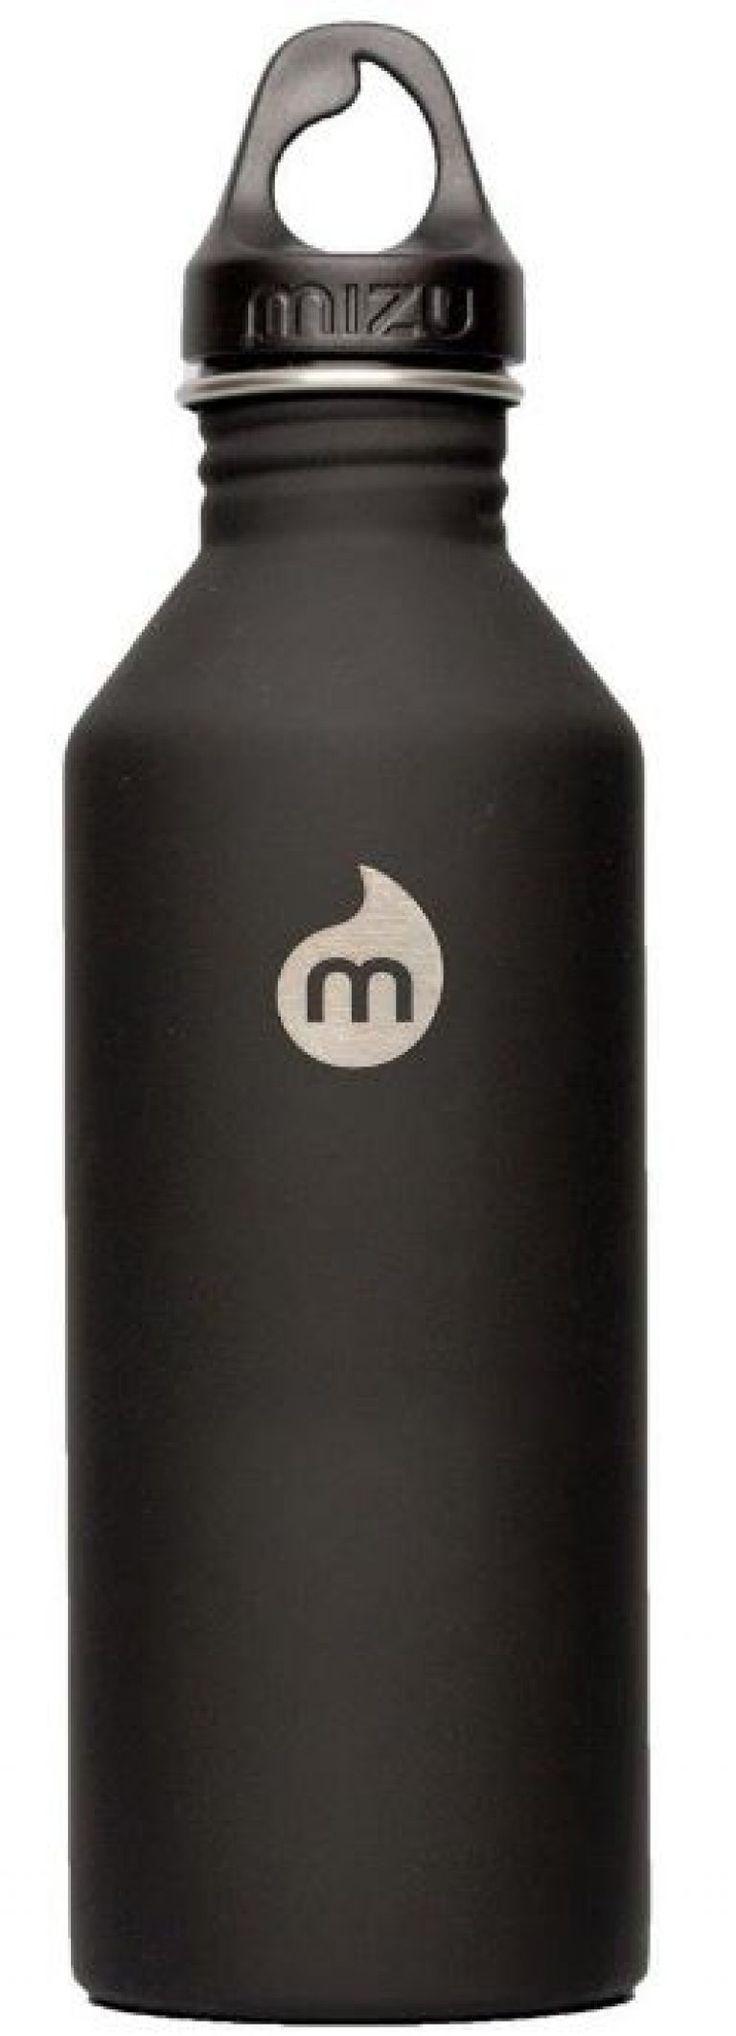 MIZU M8 Water Bottle Soft Touch Black